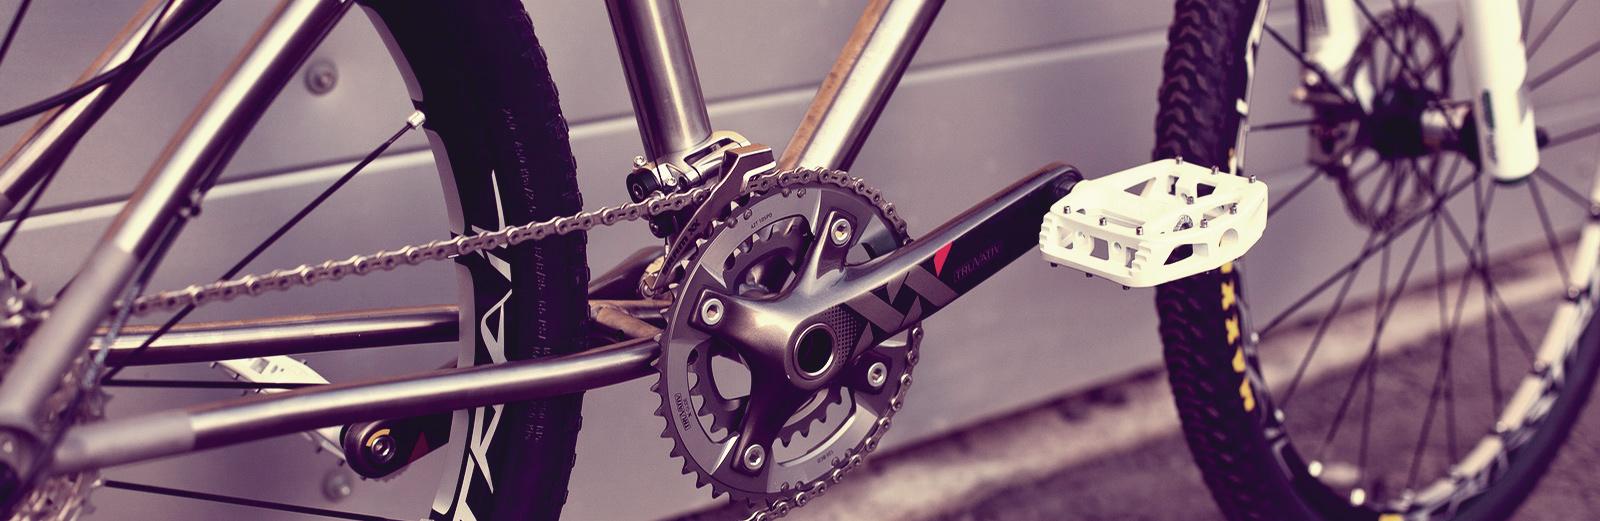 Triton Bicycle